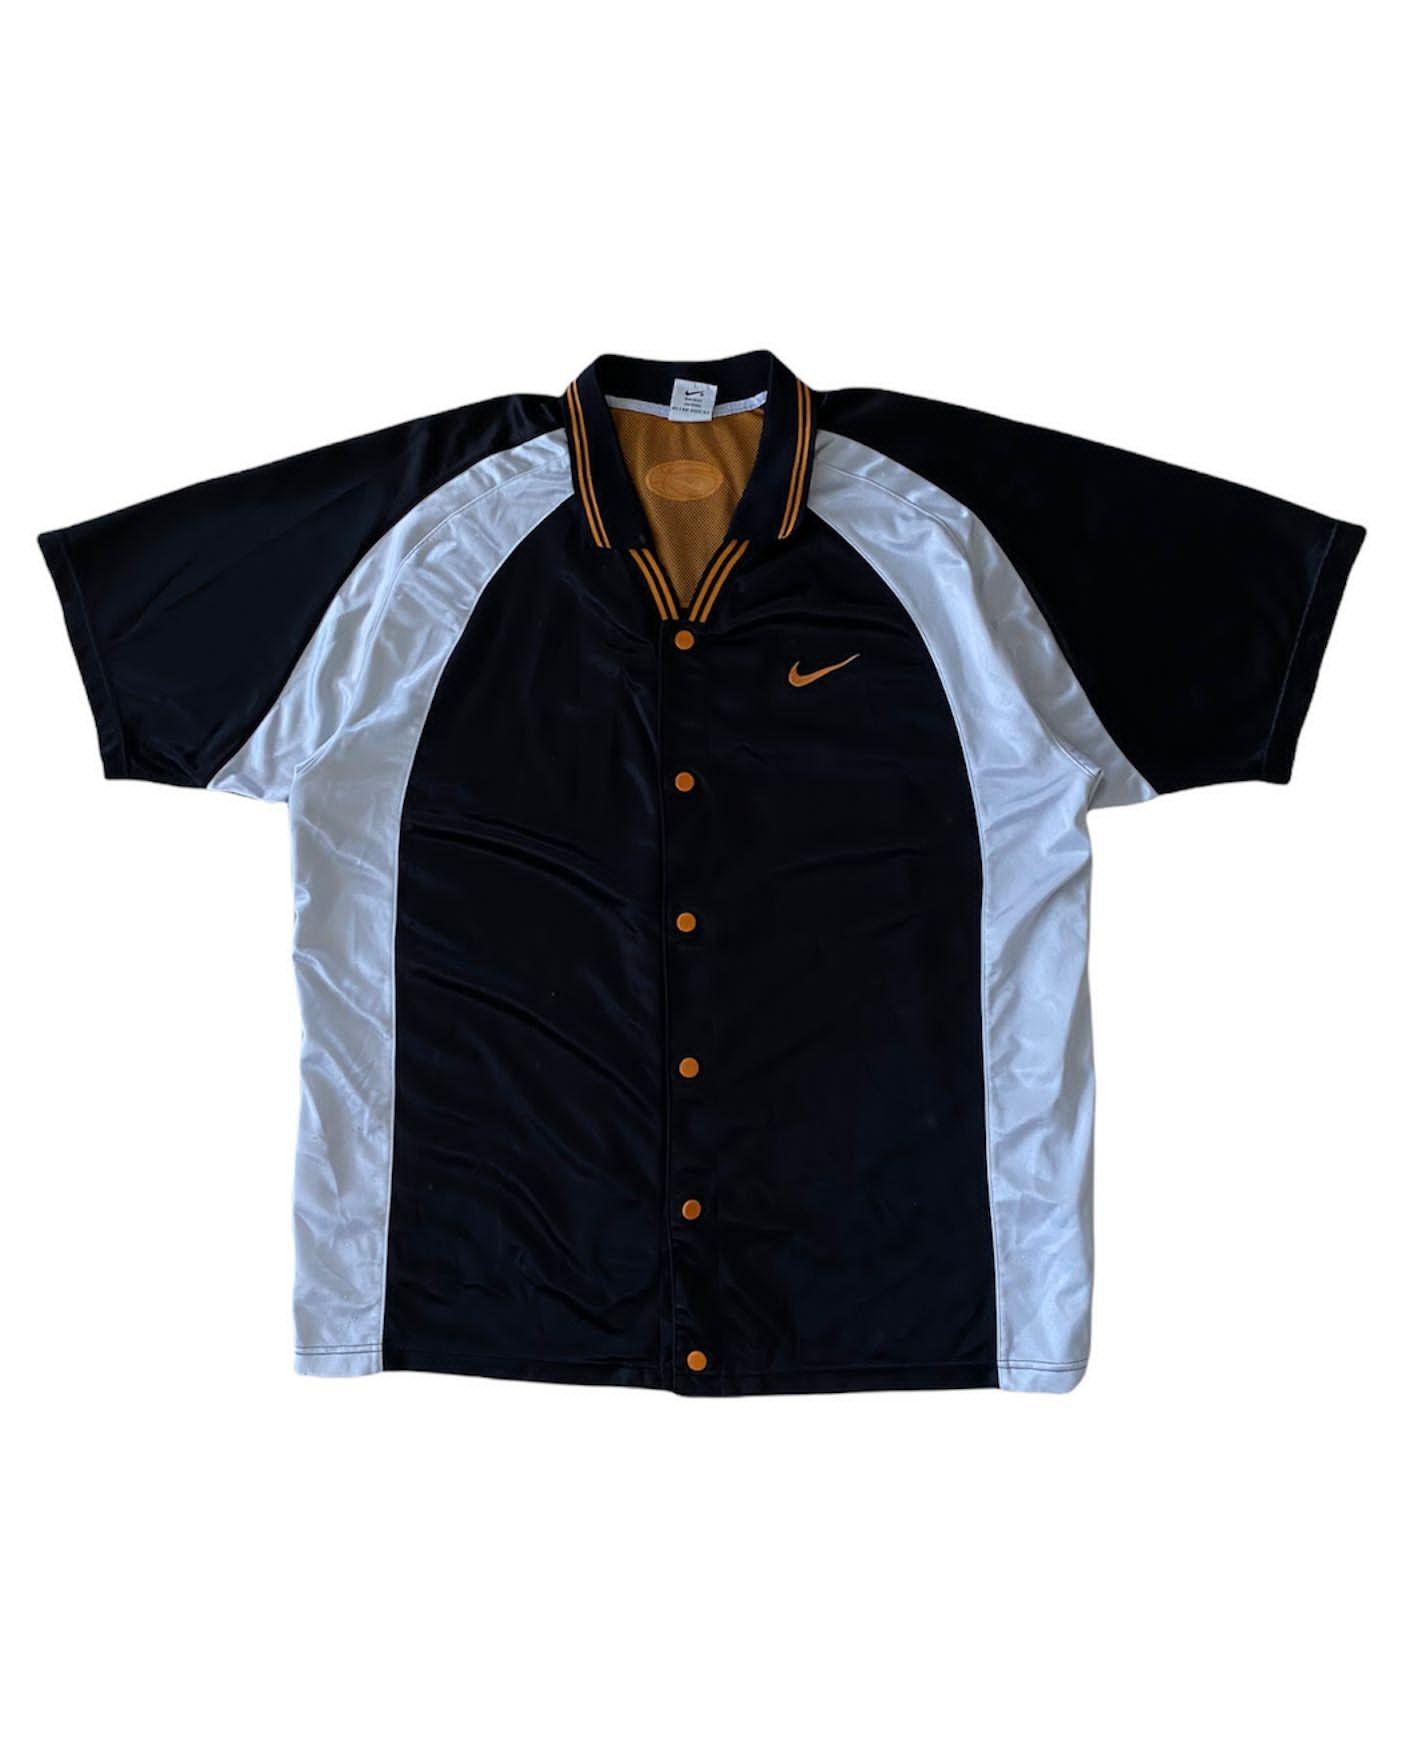 Nike 90's Basketball Jersey (XL)